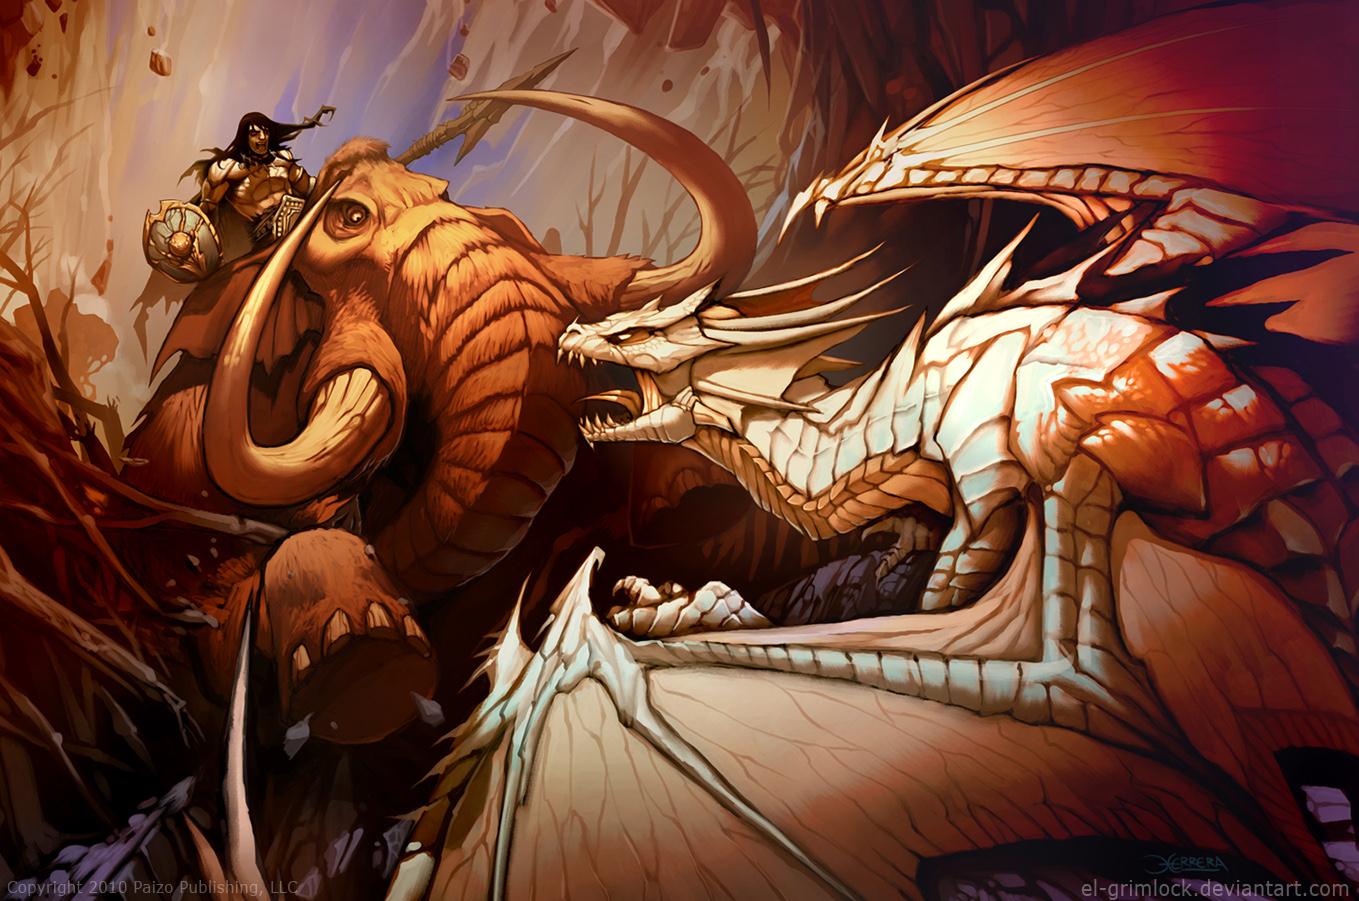 Galeria de Arte: Ficção & Fantasia 1 - Página 2 Mammoth_vs_dragon_by_el_grimlock-d30efb5